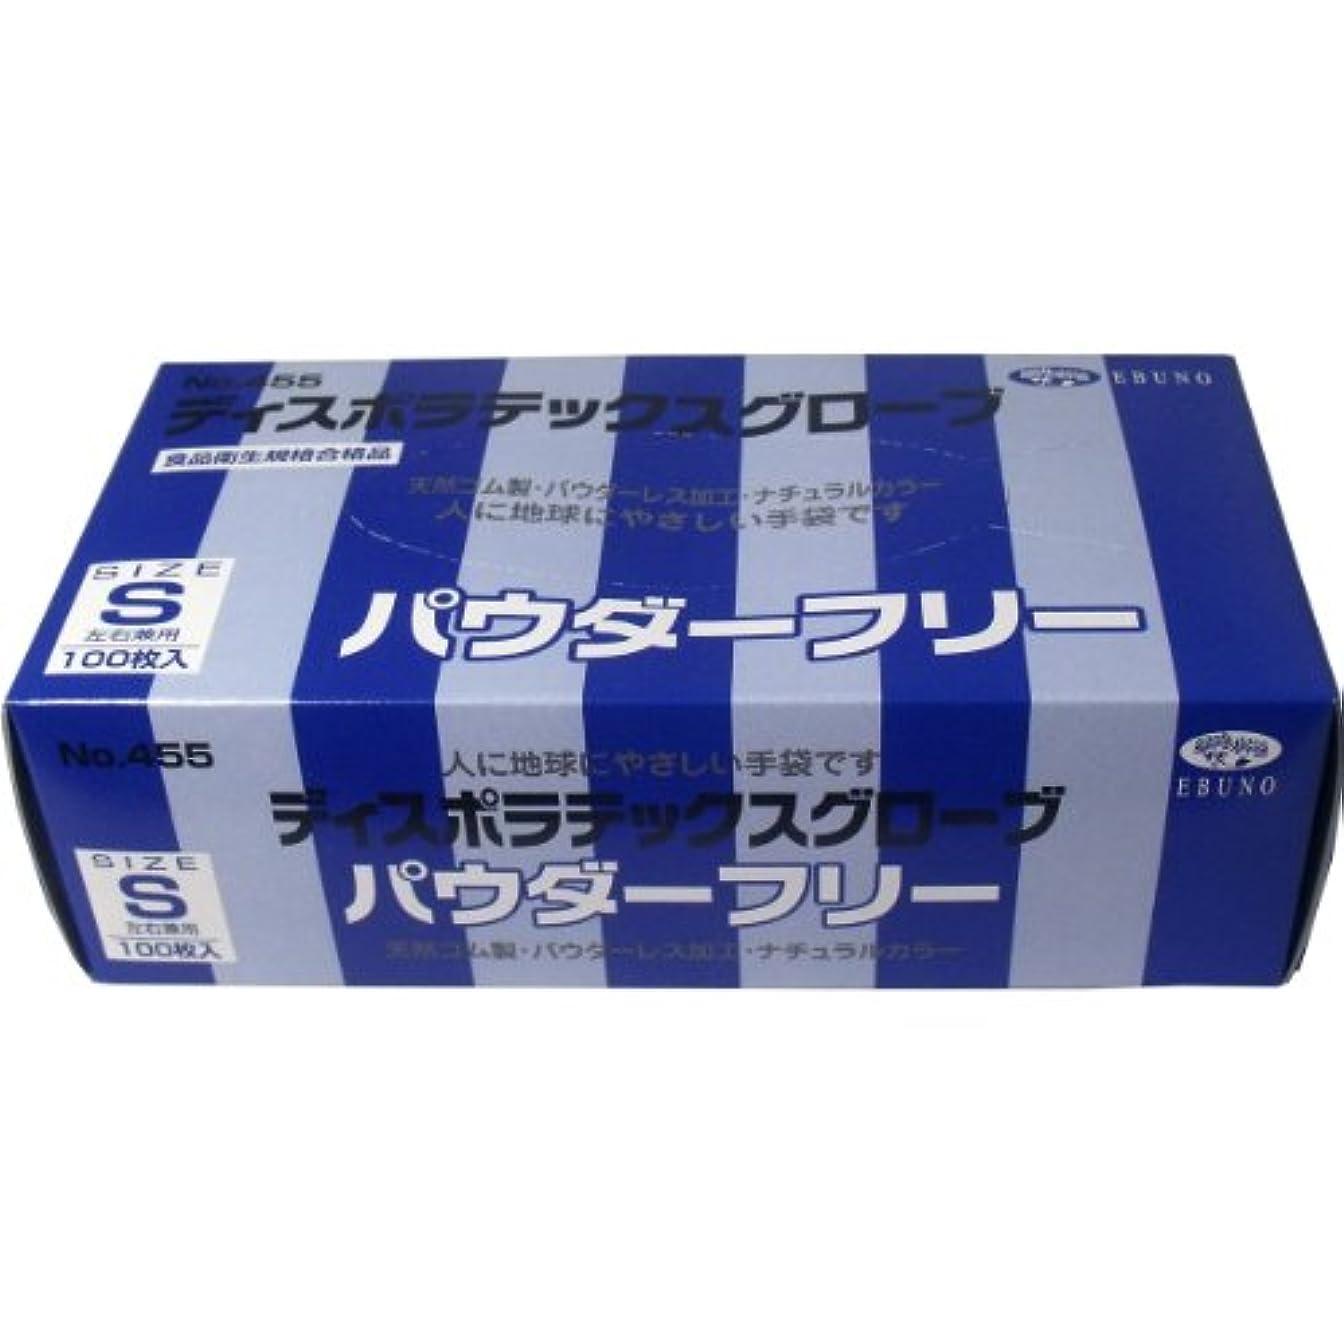 エンドテーブルミシン目情熱ディスポ ラテックスグローブ(天然ゴム手袋) パウダーフリー Sサイズ 100枚入 ×3個セット